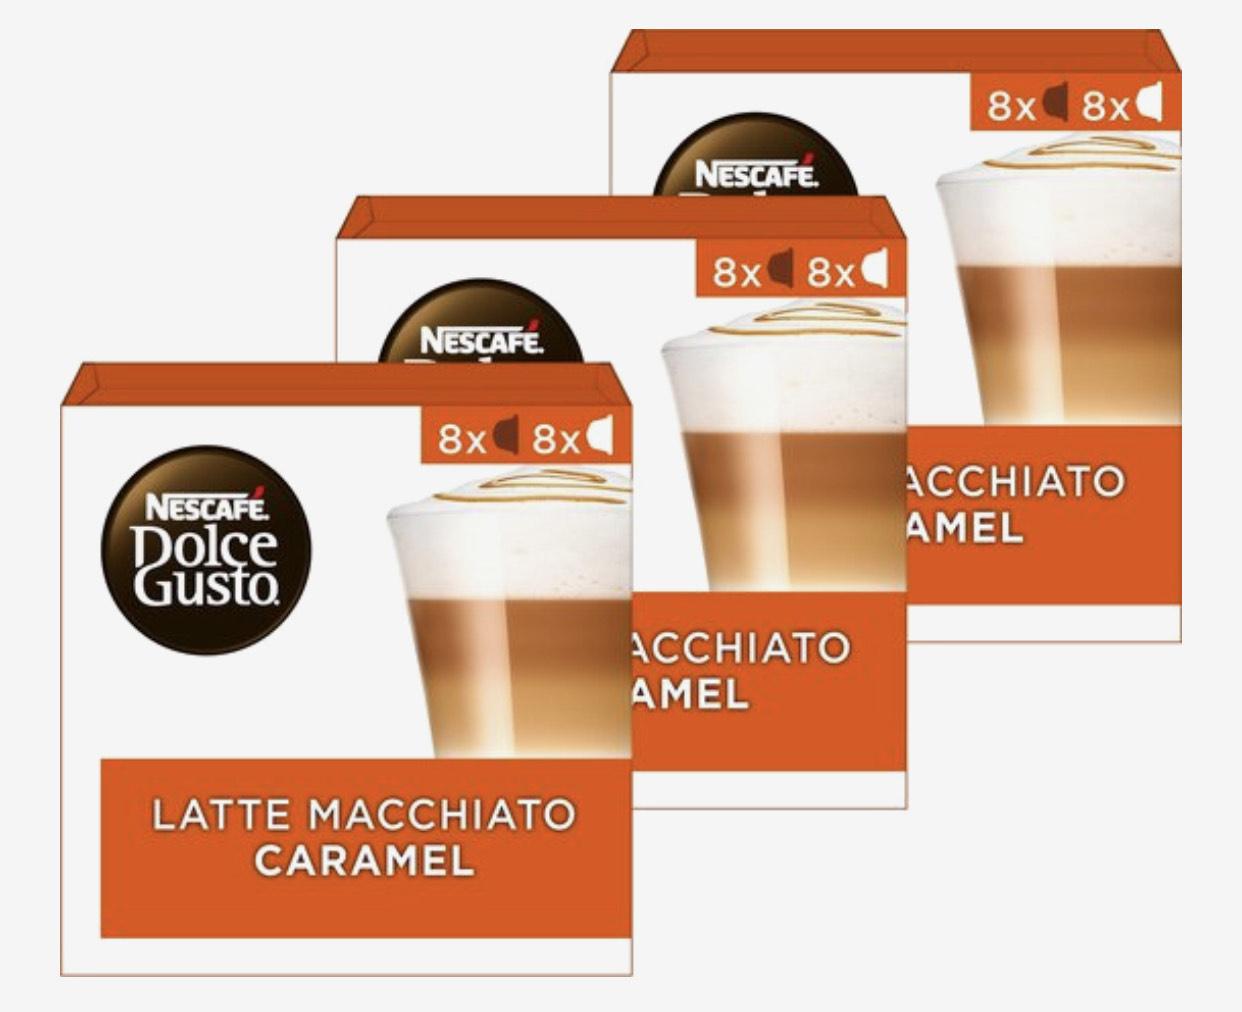 Verschillende Dolce Gusto cups in de aanbieding